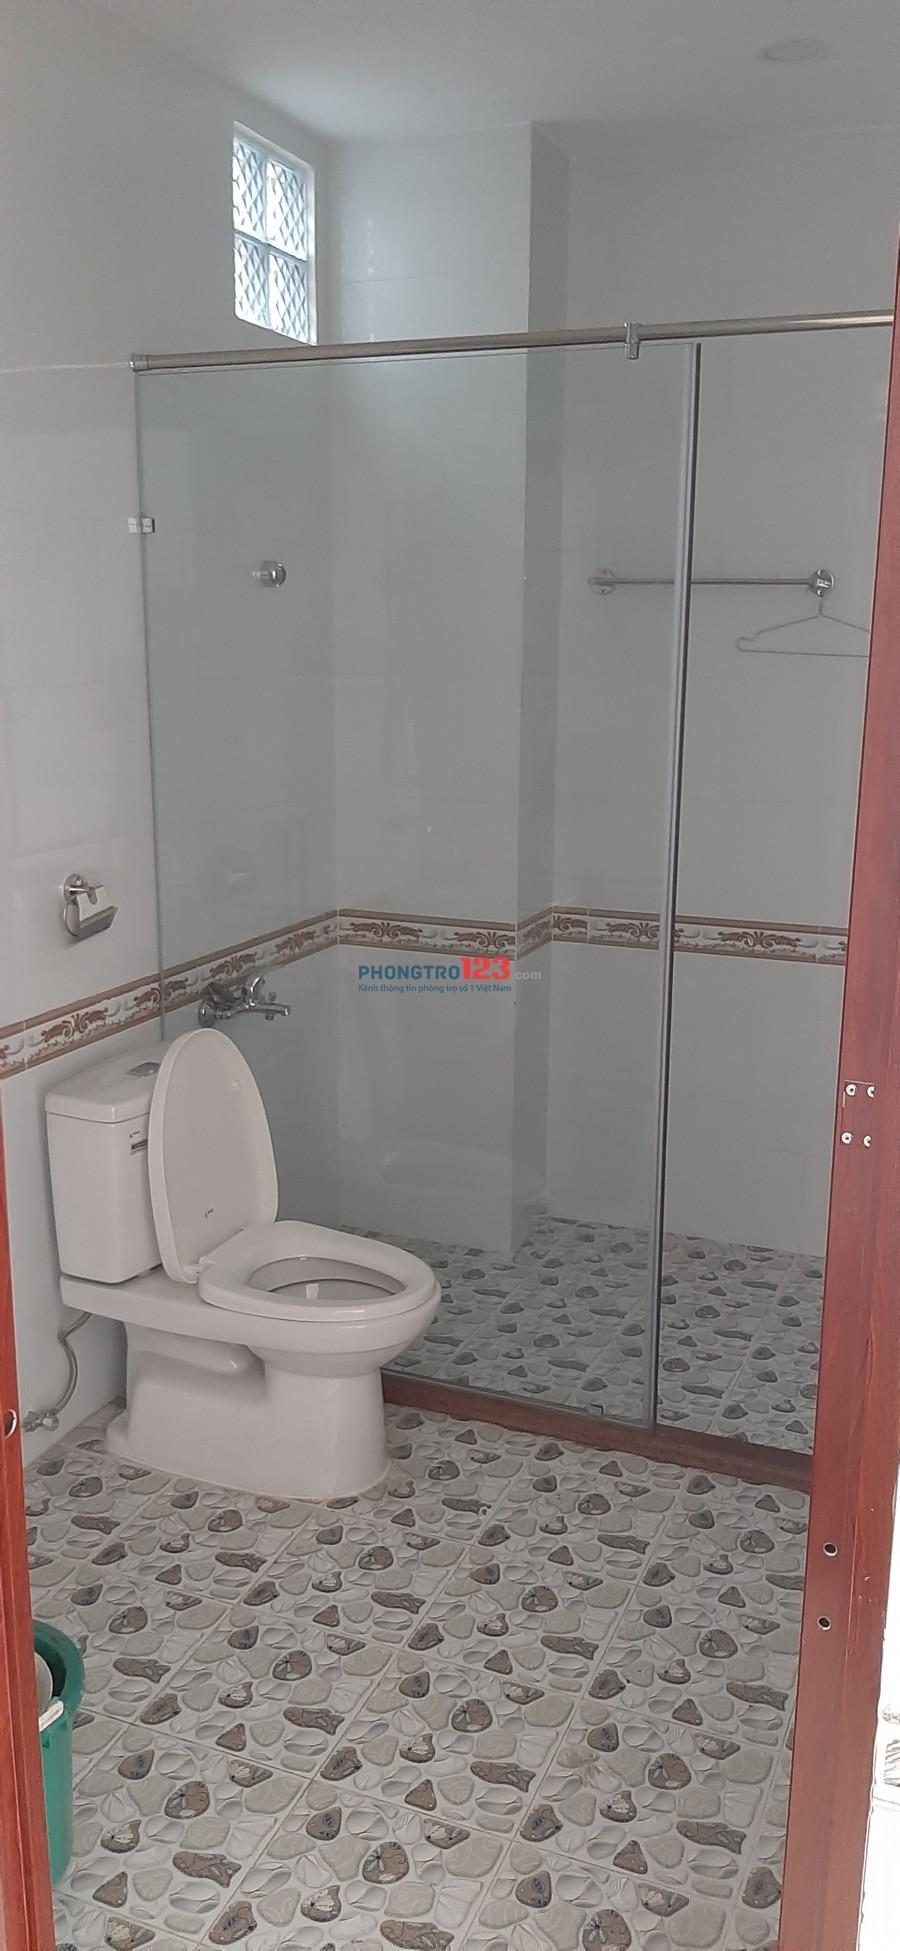 Nhà 4 lầu dư 1 phòng cần tìm nữ ở ghép. Phòng rộng vệ sinh khép kín. Thoáng mát , an toàn,